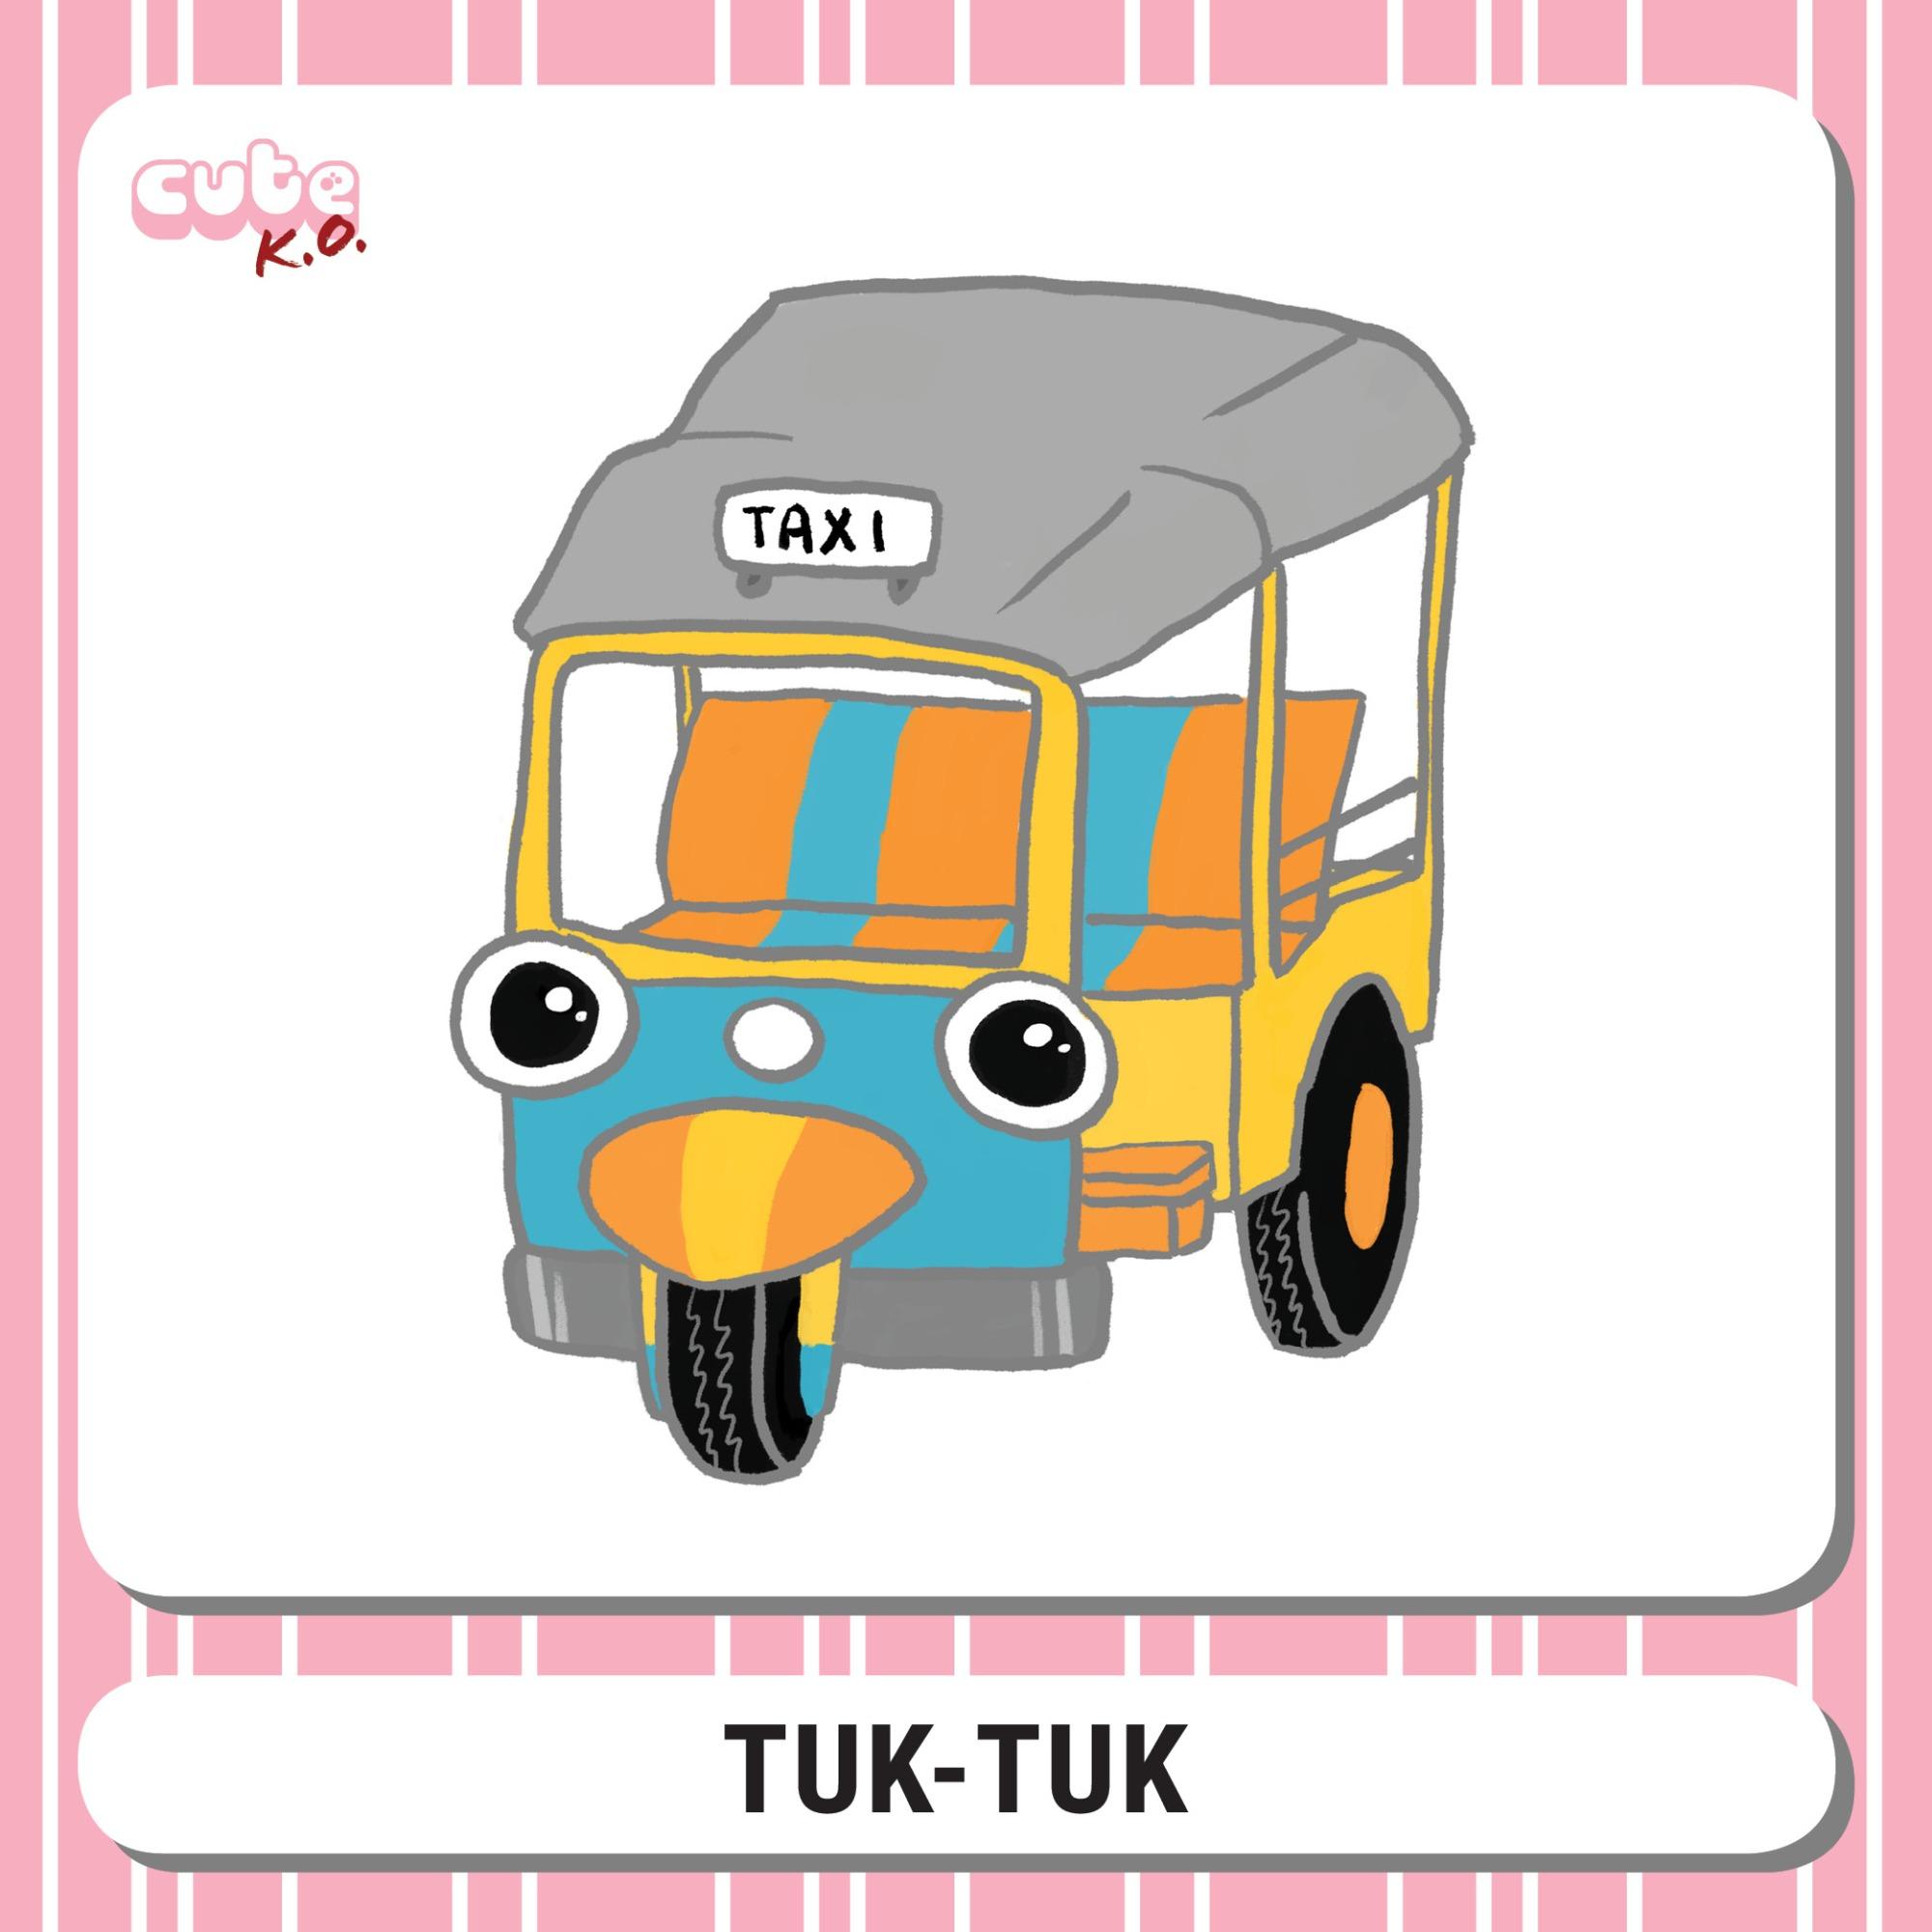 Cute K.O. 2019 Round Two: Tuk-Tuk